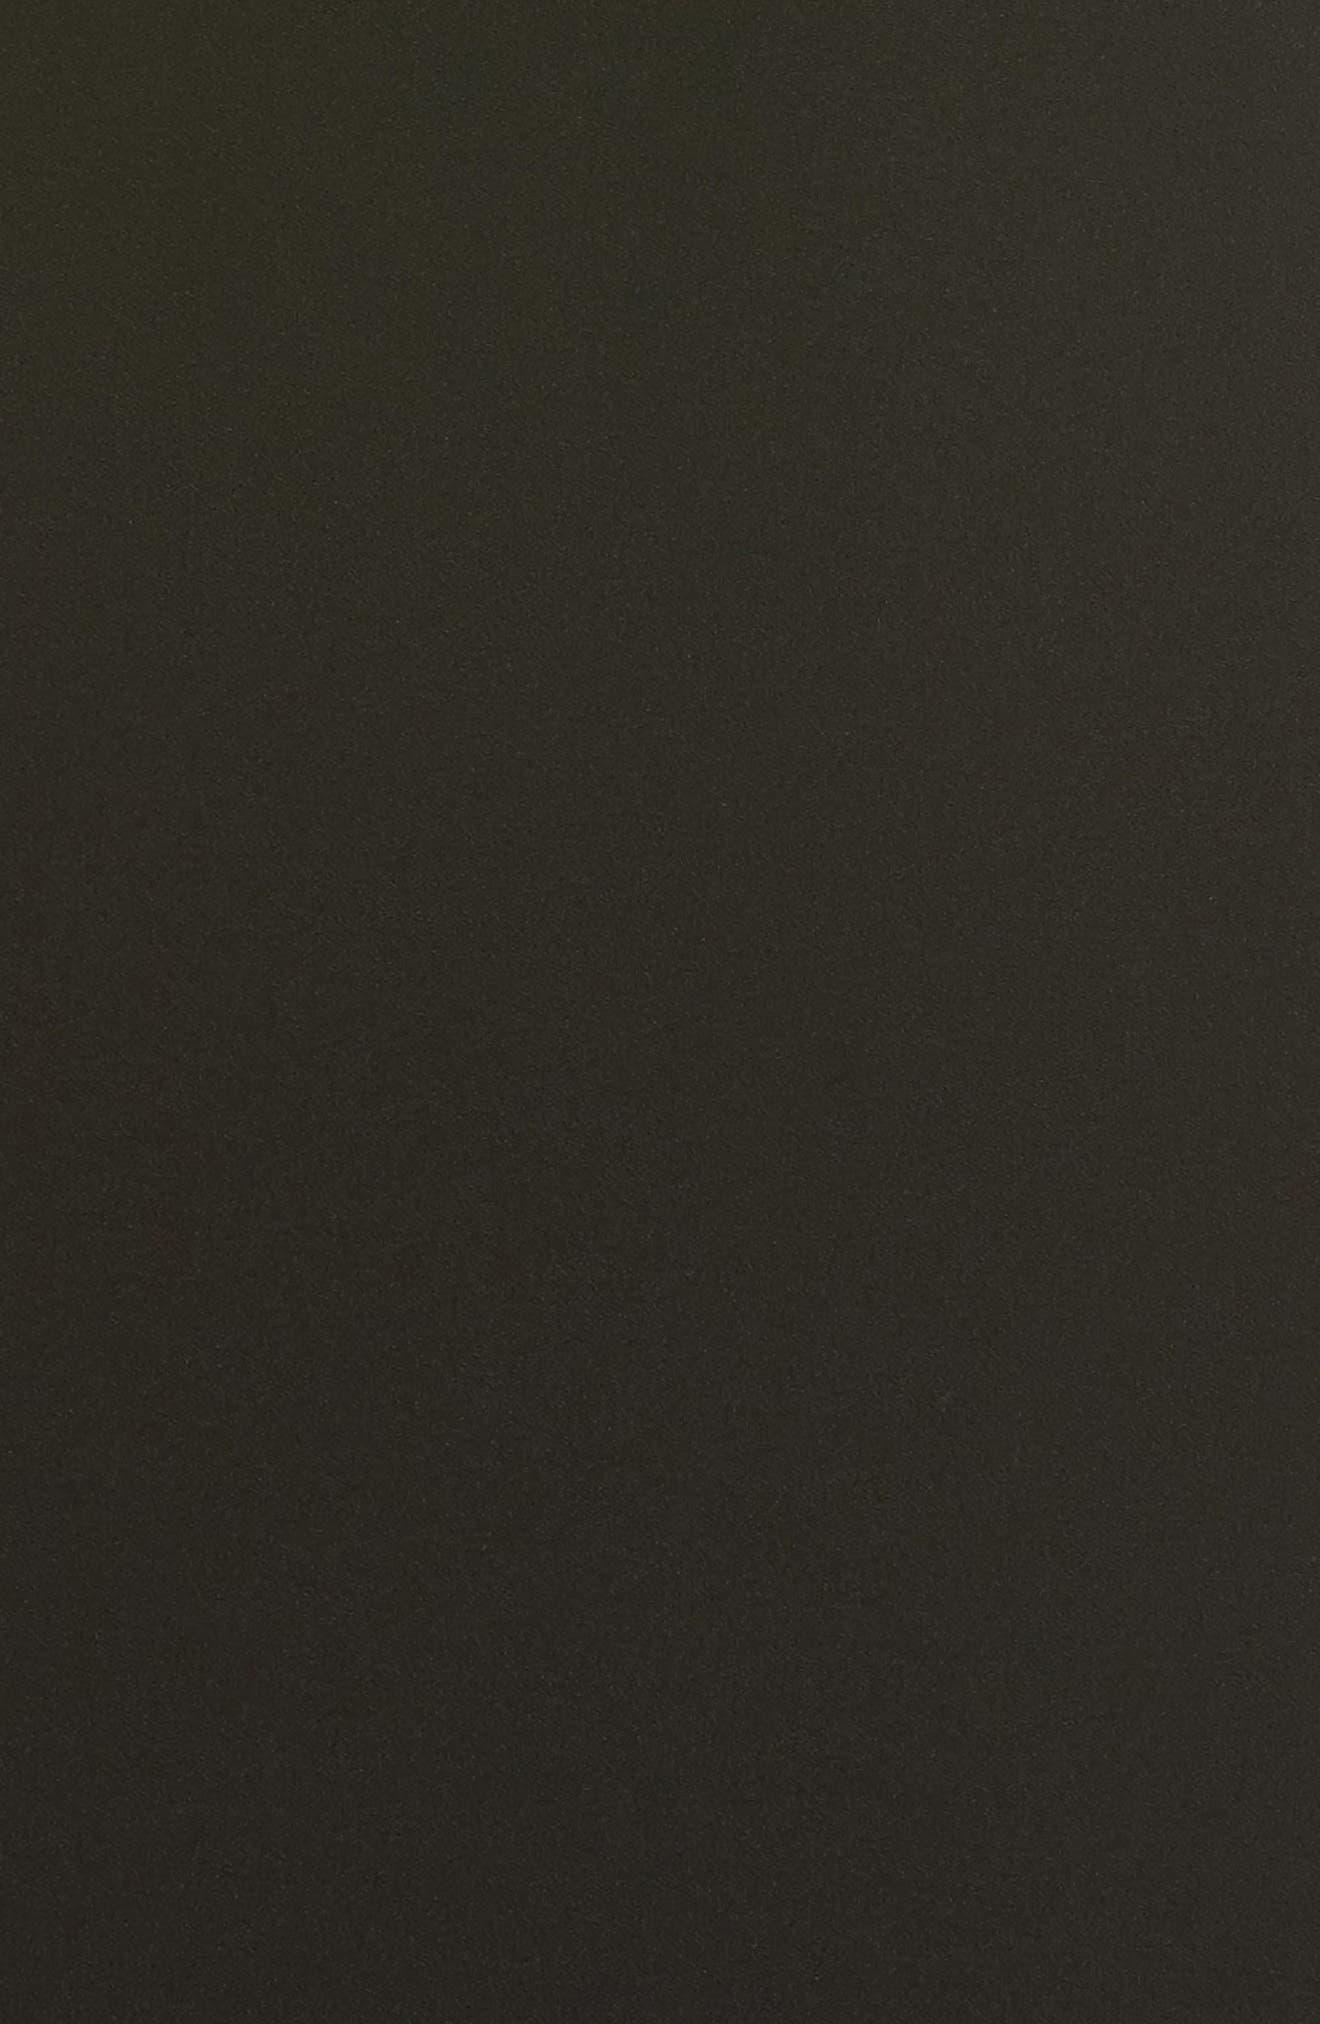 V-Neck Ruffle Hem Sheath Dress,                             Alternate thumbnail 5, color,                             Black